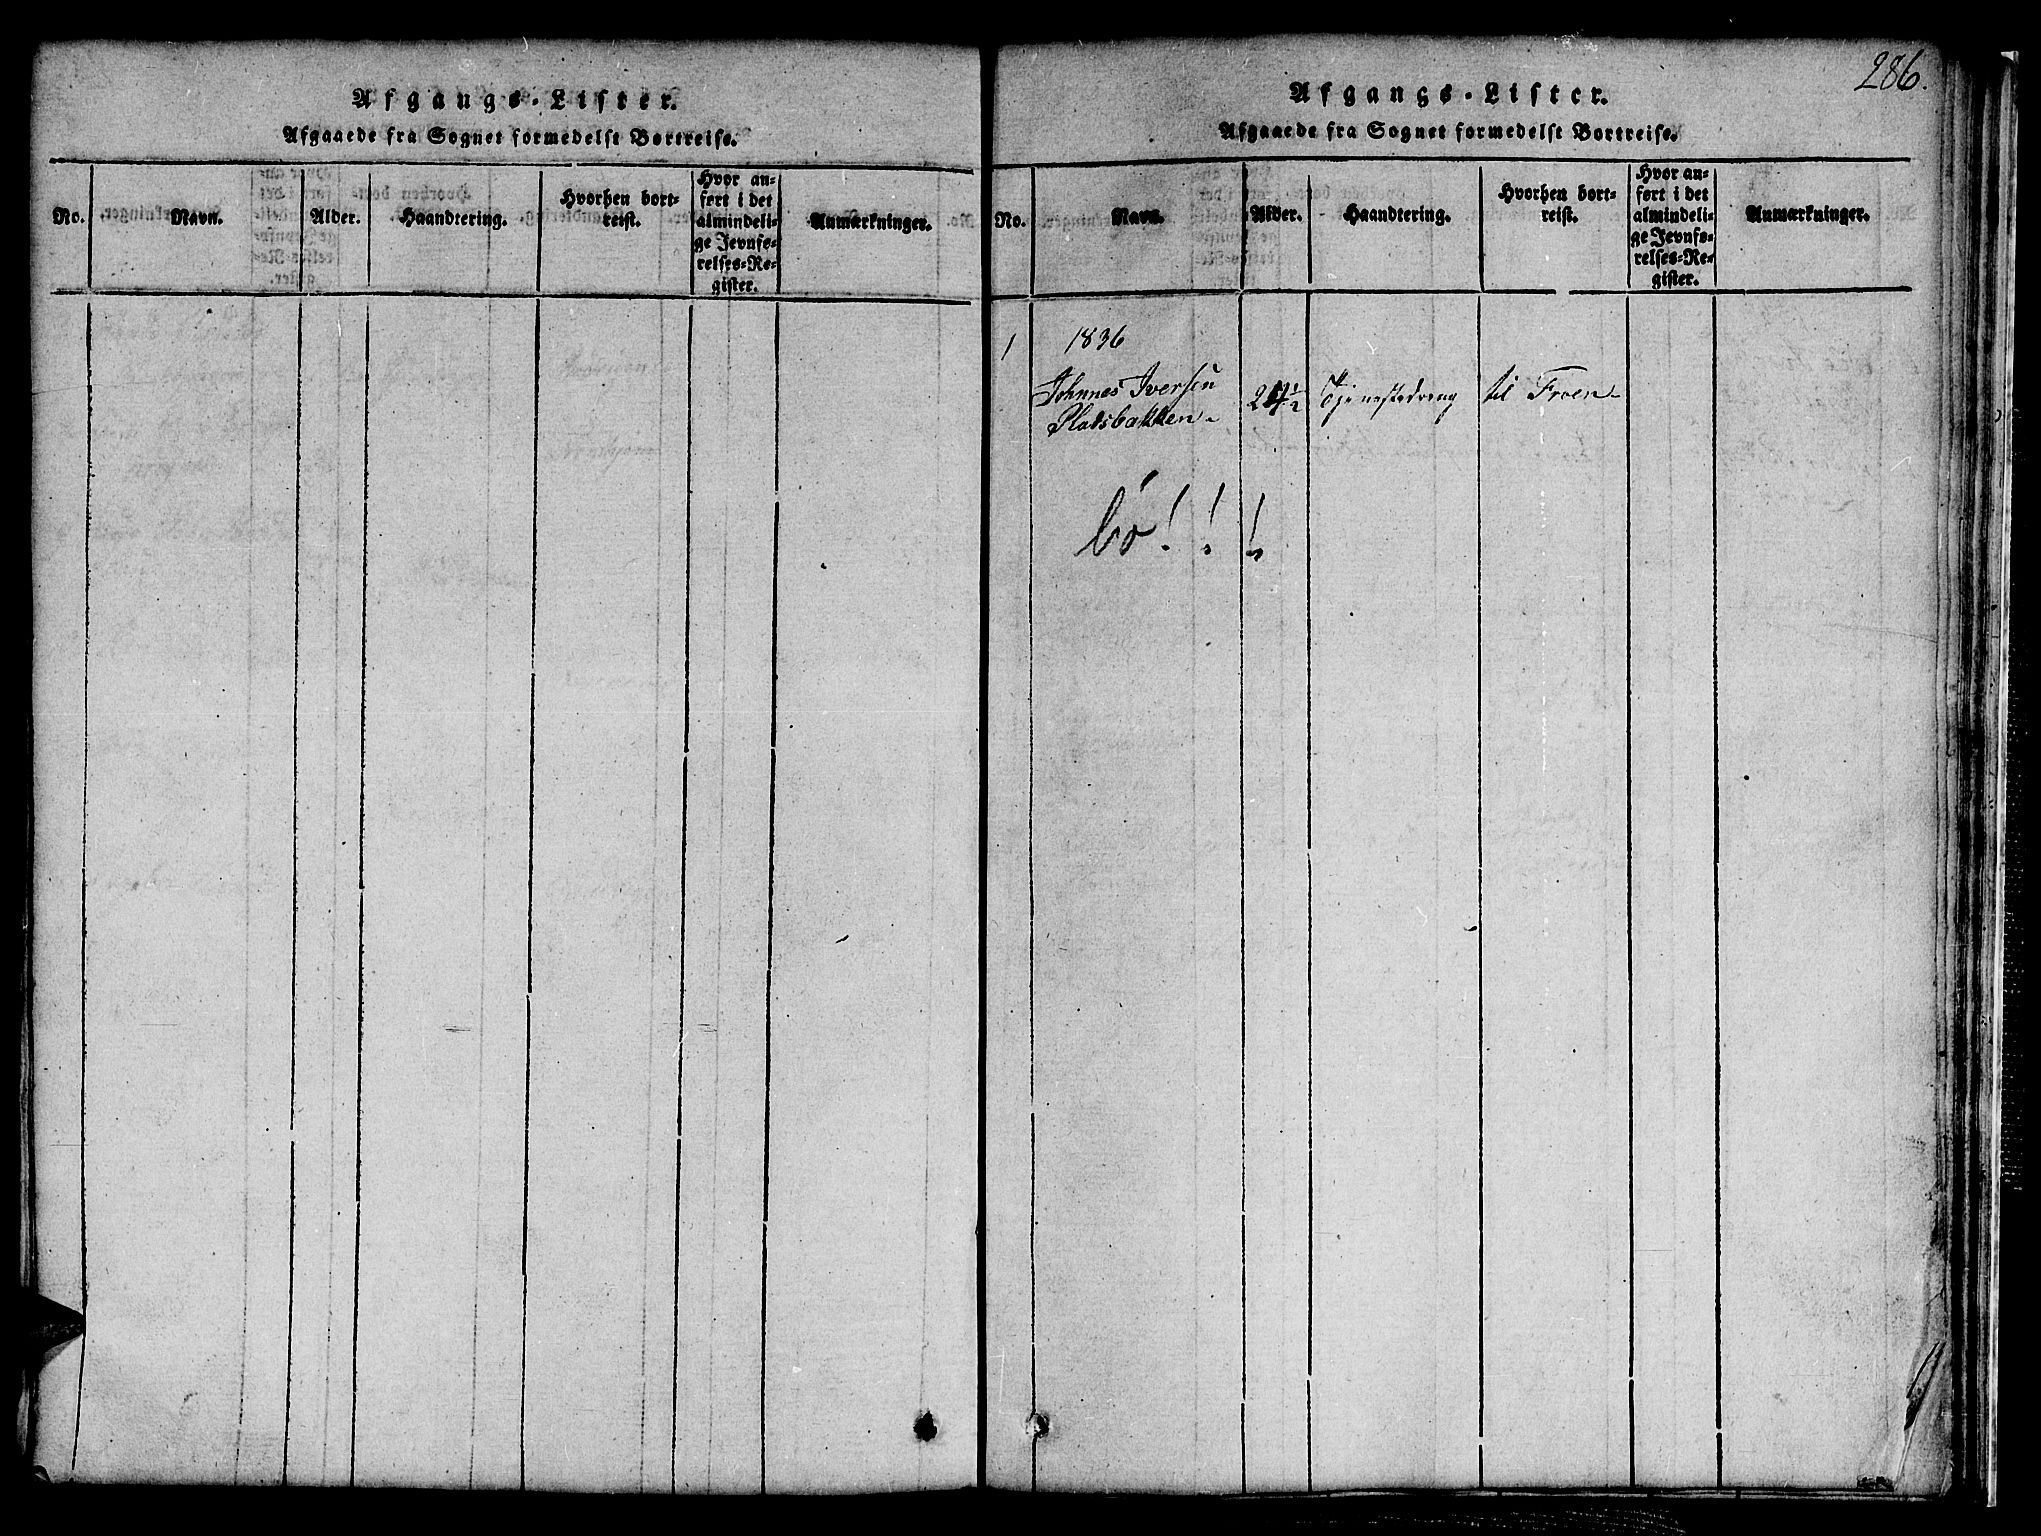 SAT, Ministerialprotokoller, klokkerbøker og fødselsregistre - Sør-Trøndelag, 691/L1092: Klokkerbok nr. 691C03, 1816-1852, s. 286